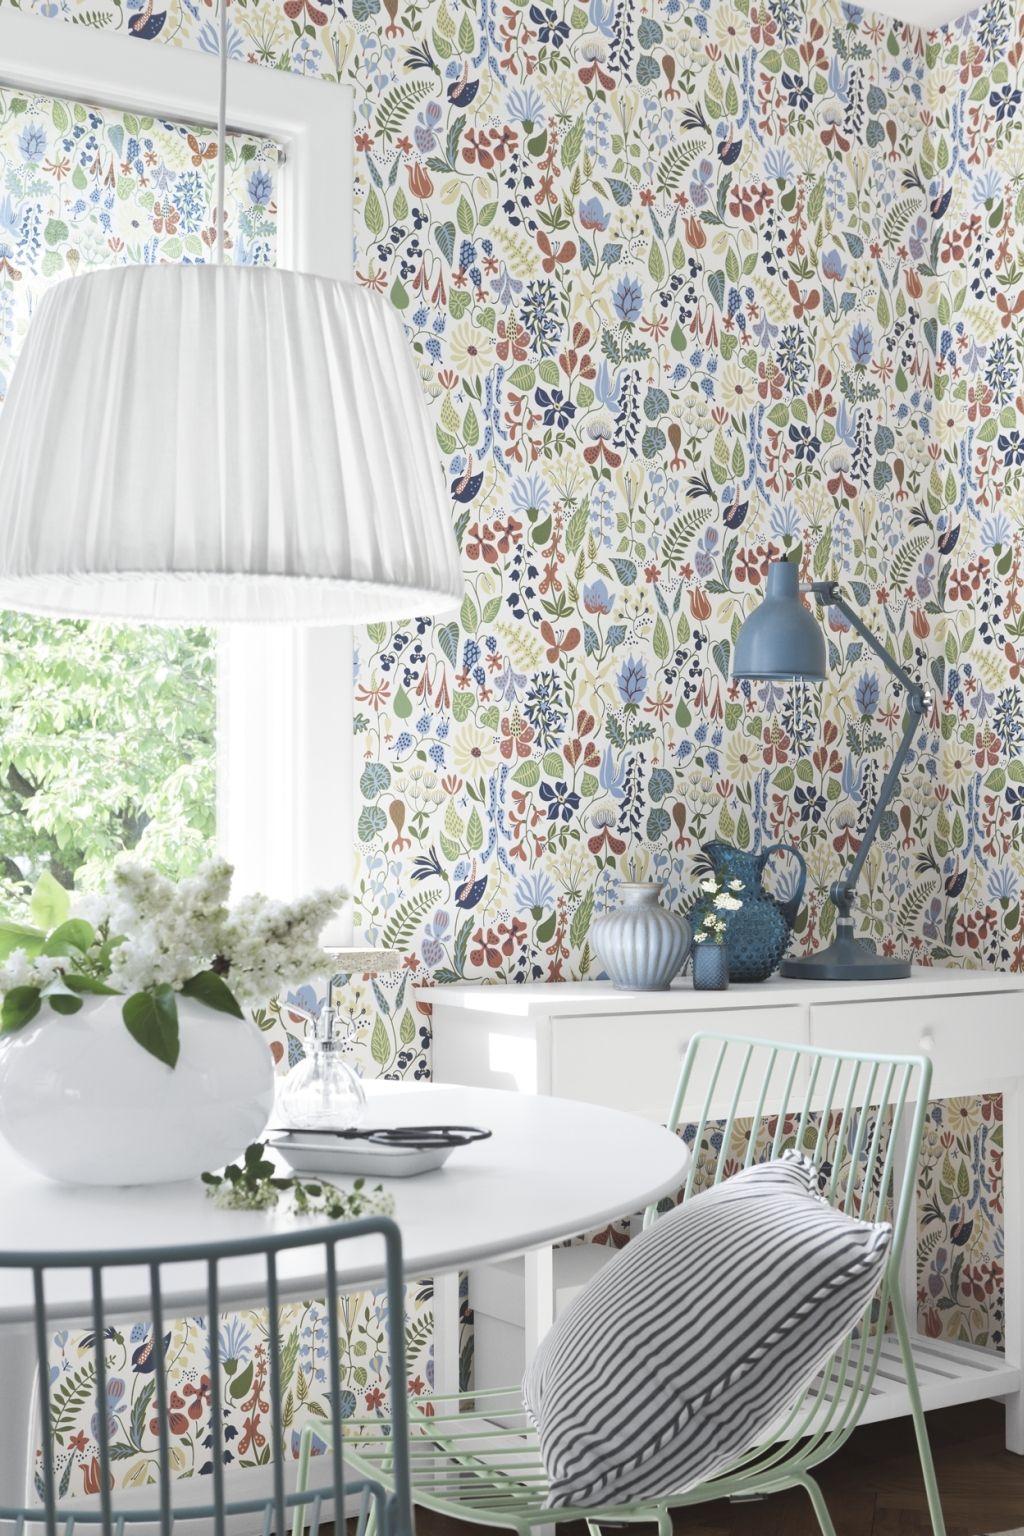 Raumbild Scandinavian Designers 2743 Vlies Tapete Stig Lindberg Herbarium  Stilisierte Bunte Blumen Und Blüten Auf